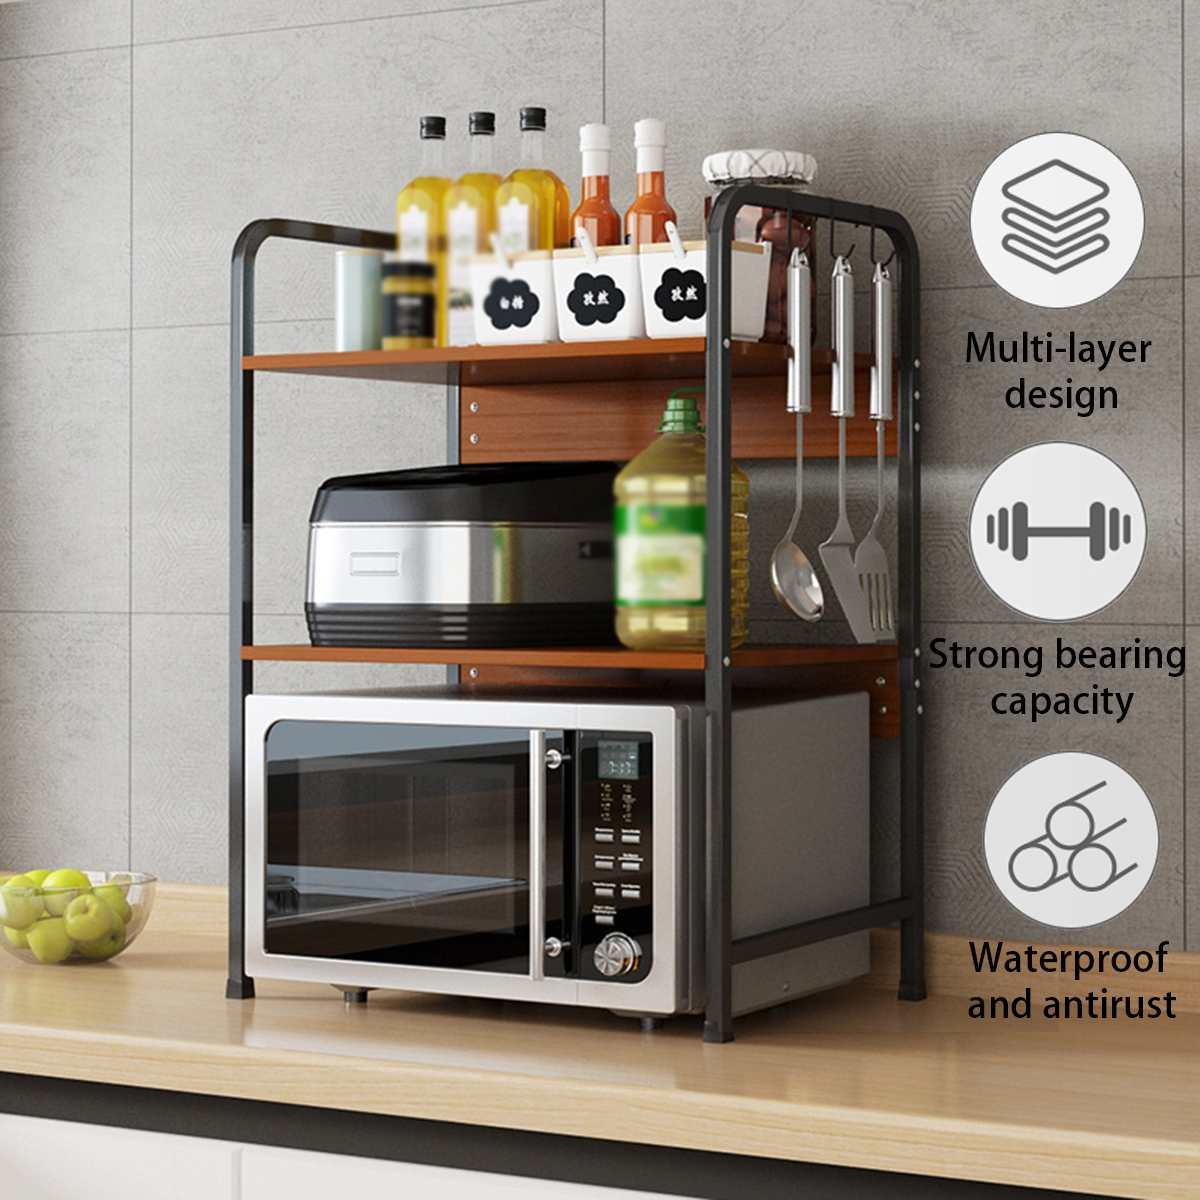 الميكروويف رف 3 طبقات Vintage خشبية معدنية المطبخ تخزين الرف أصحاب السنانير متعددة الوظائف المنظم فرن الرف الرف